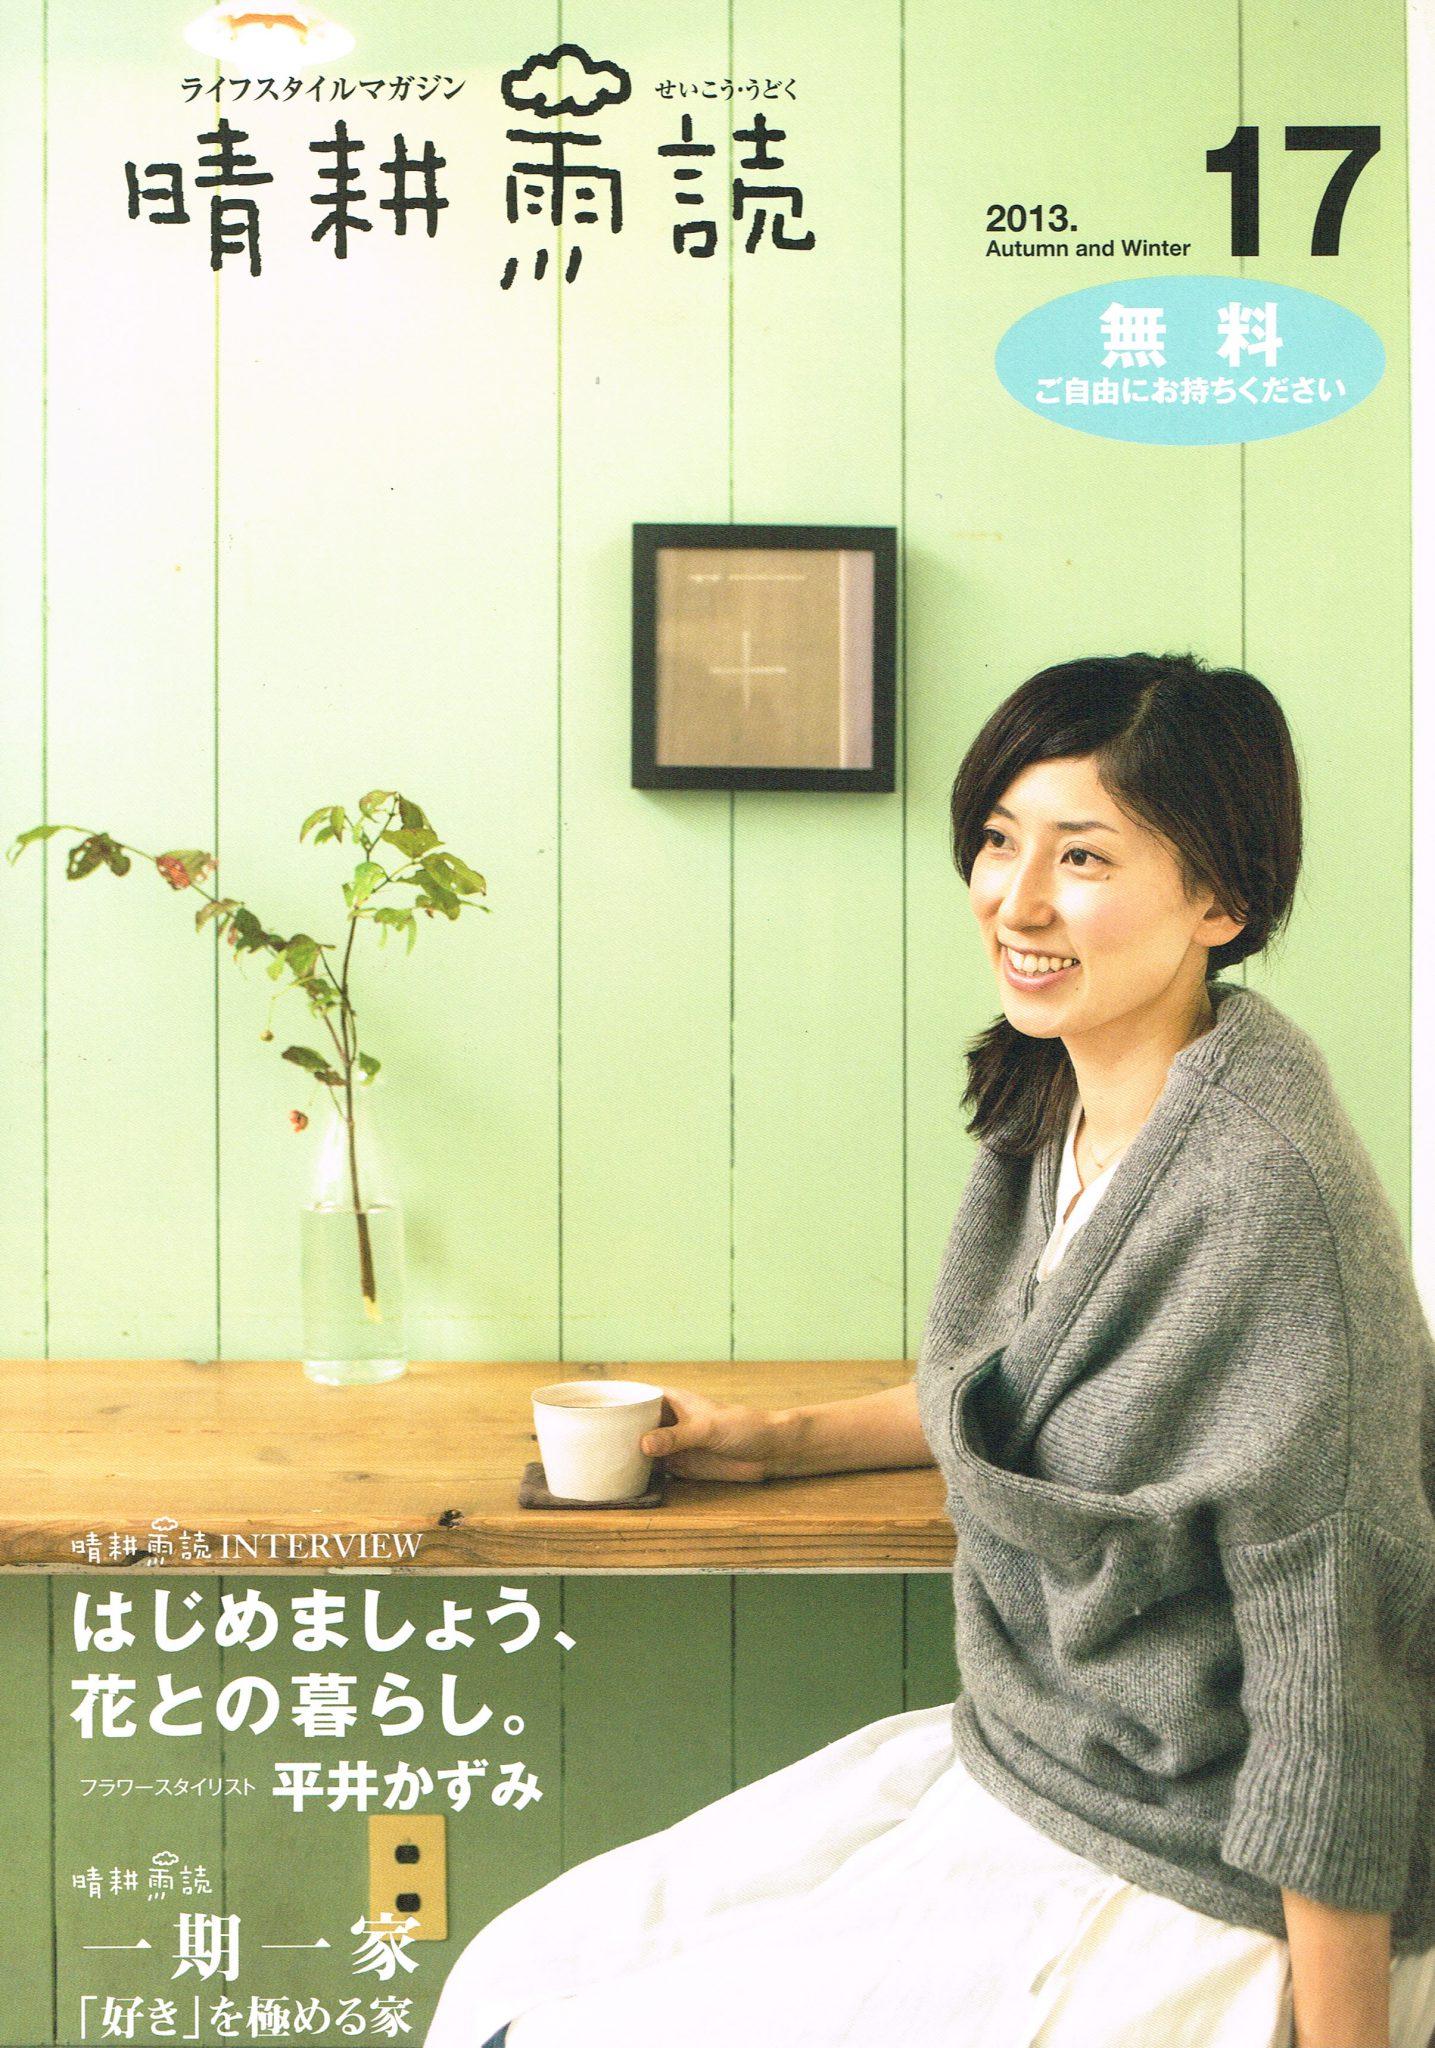 晴耕雨読18号